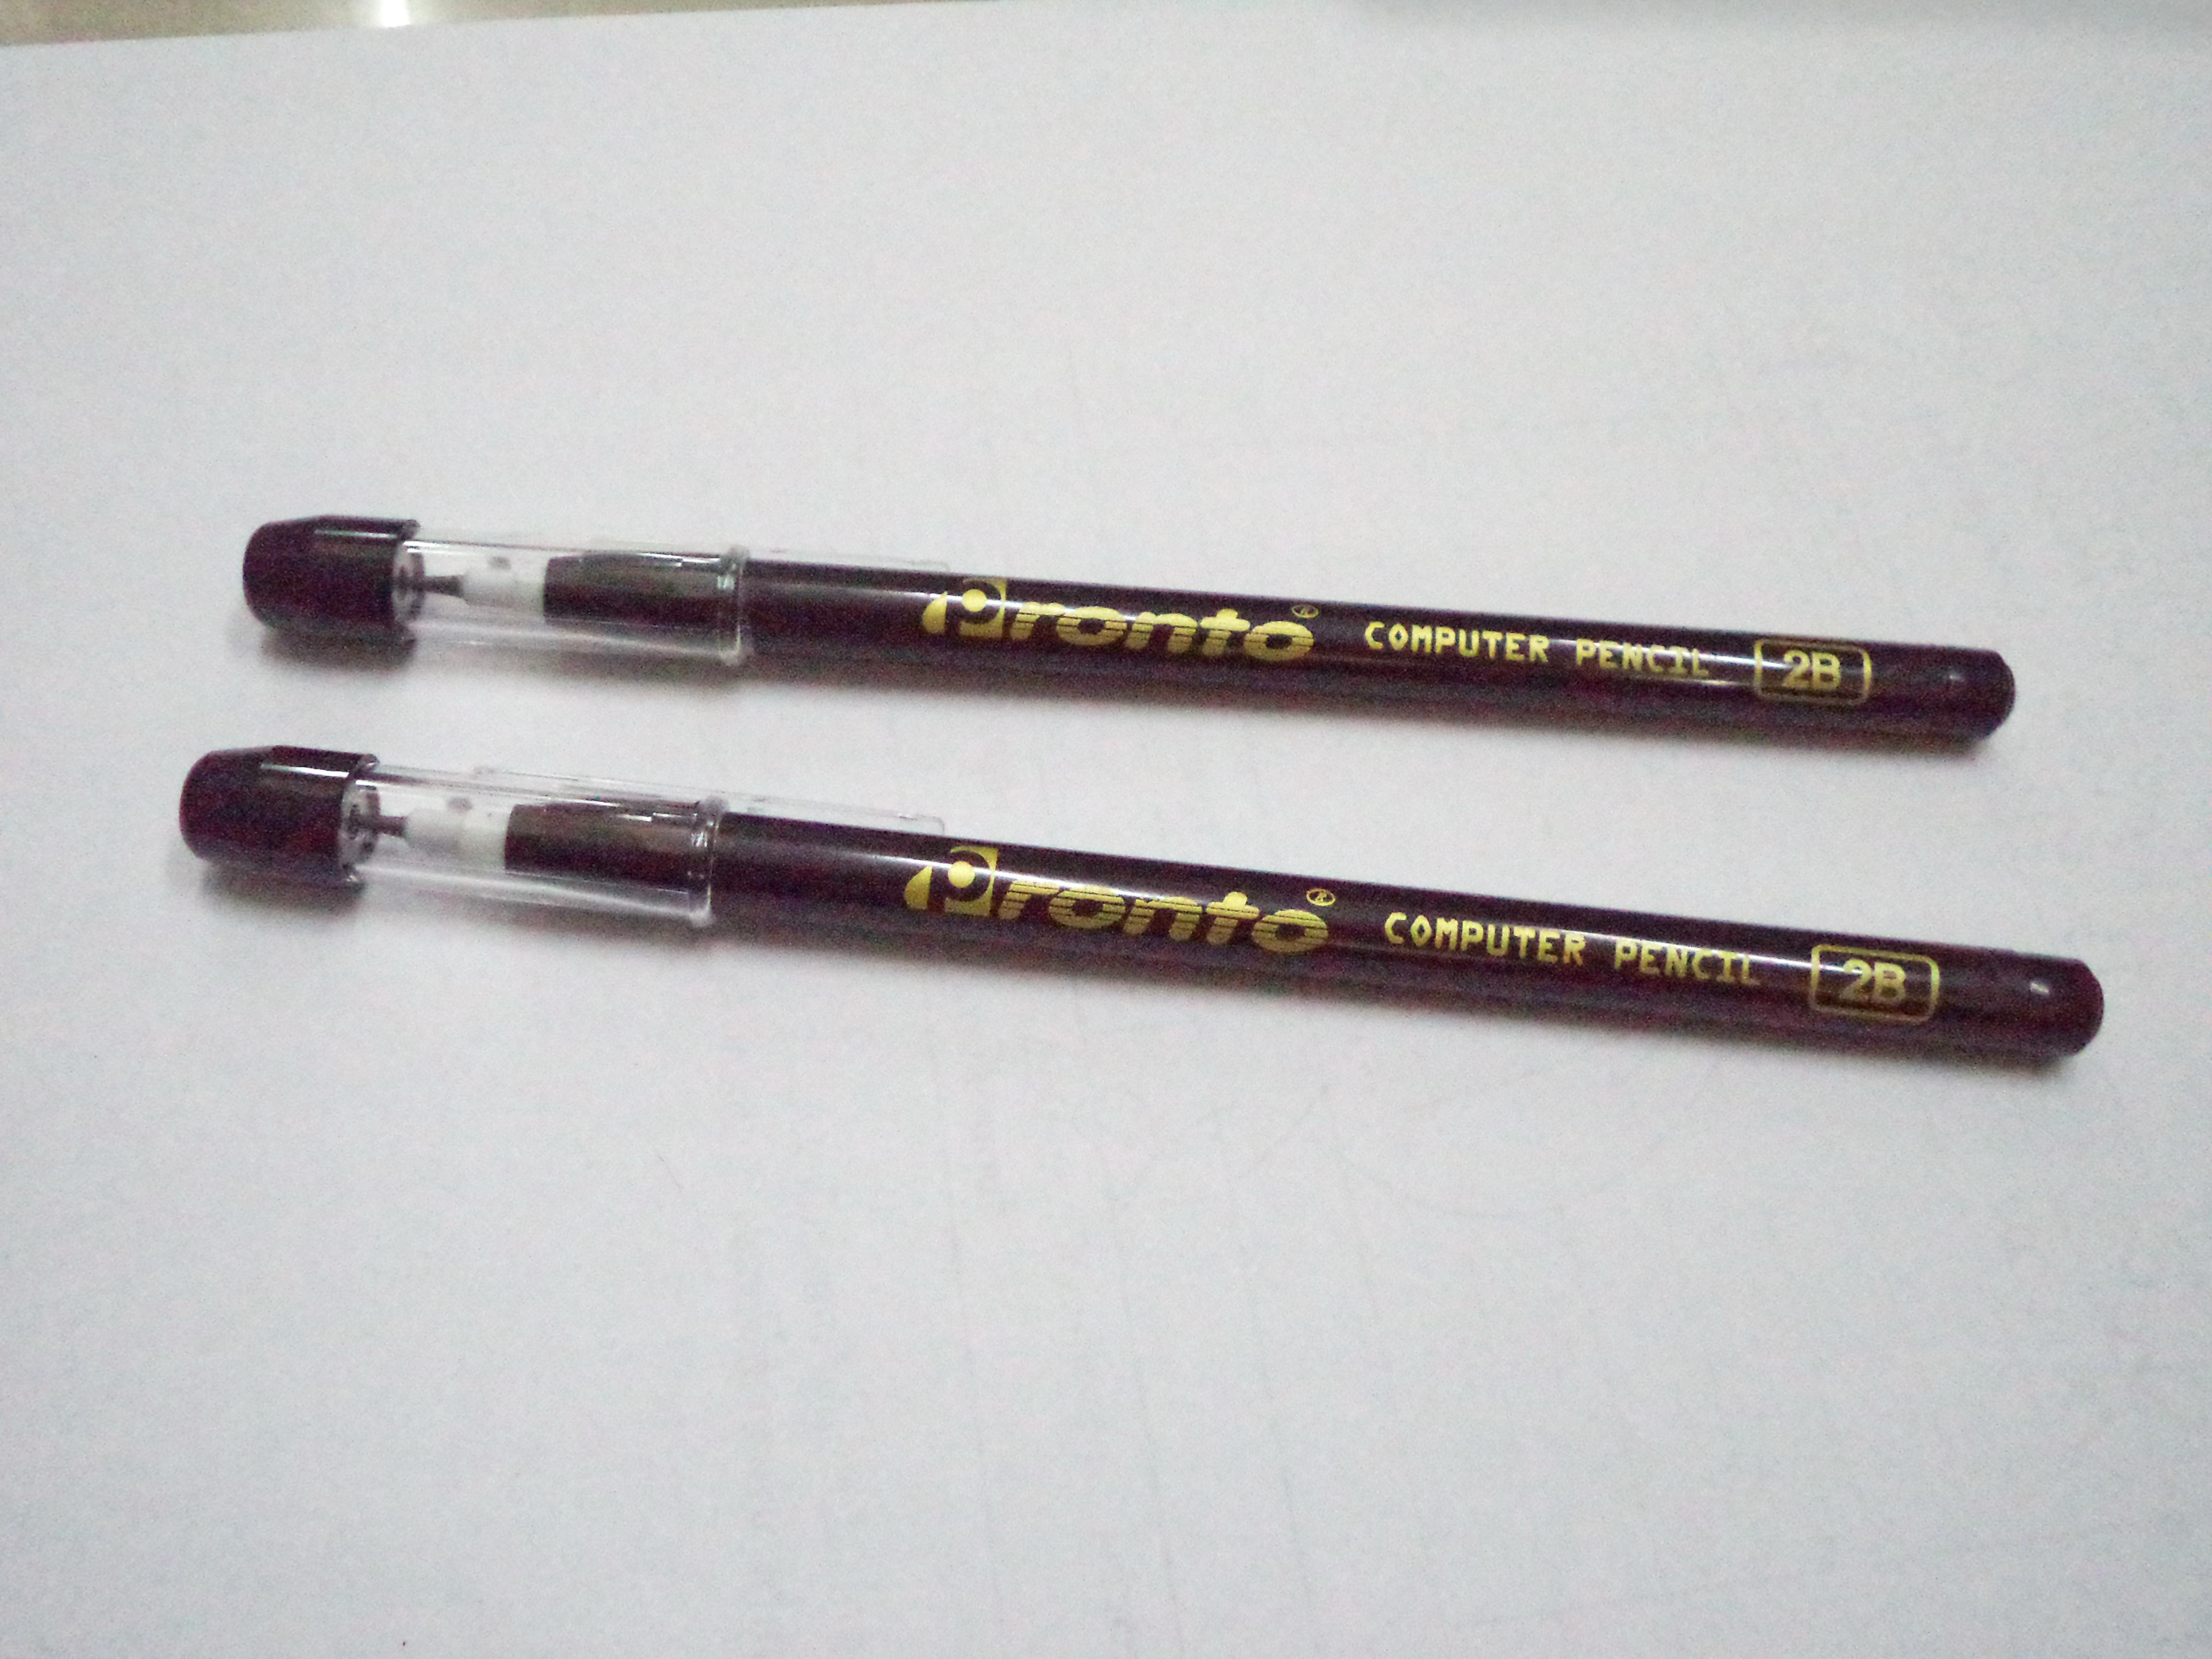 ดินสอต่อไส้ 2B ยี่ห้อ pronto แพ็ค 10 ด้าม รหัส 1337